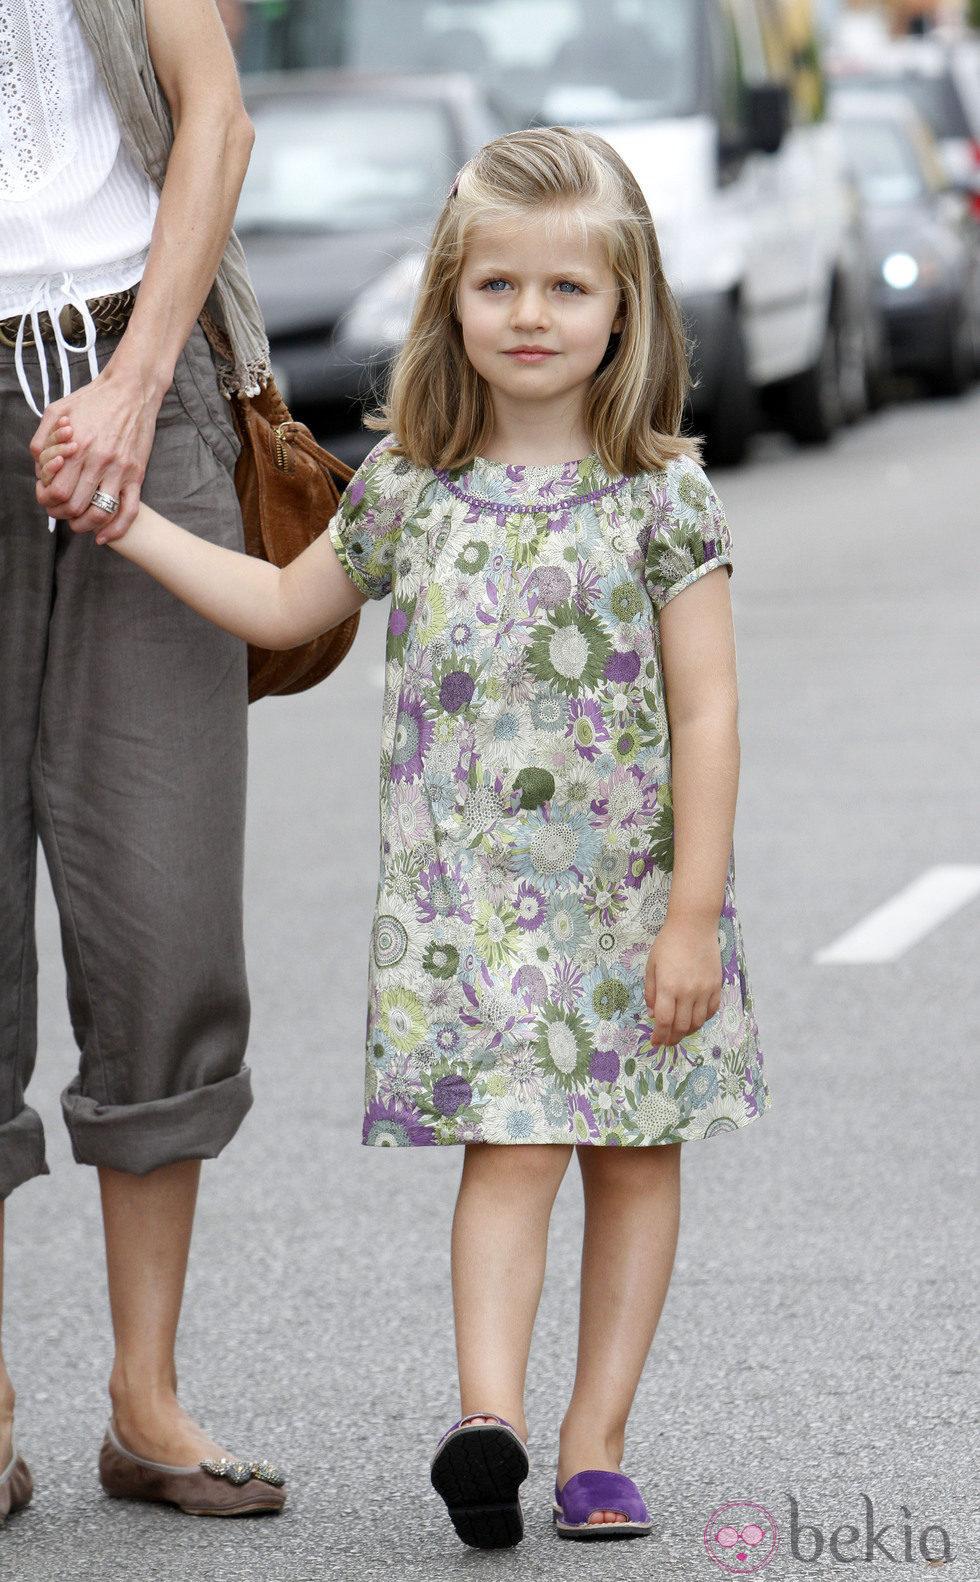 La Infanta Leonor con un vestido de flores verdes